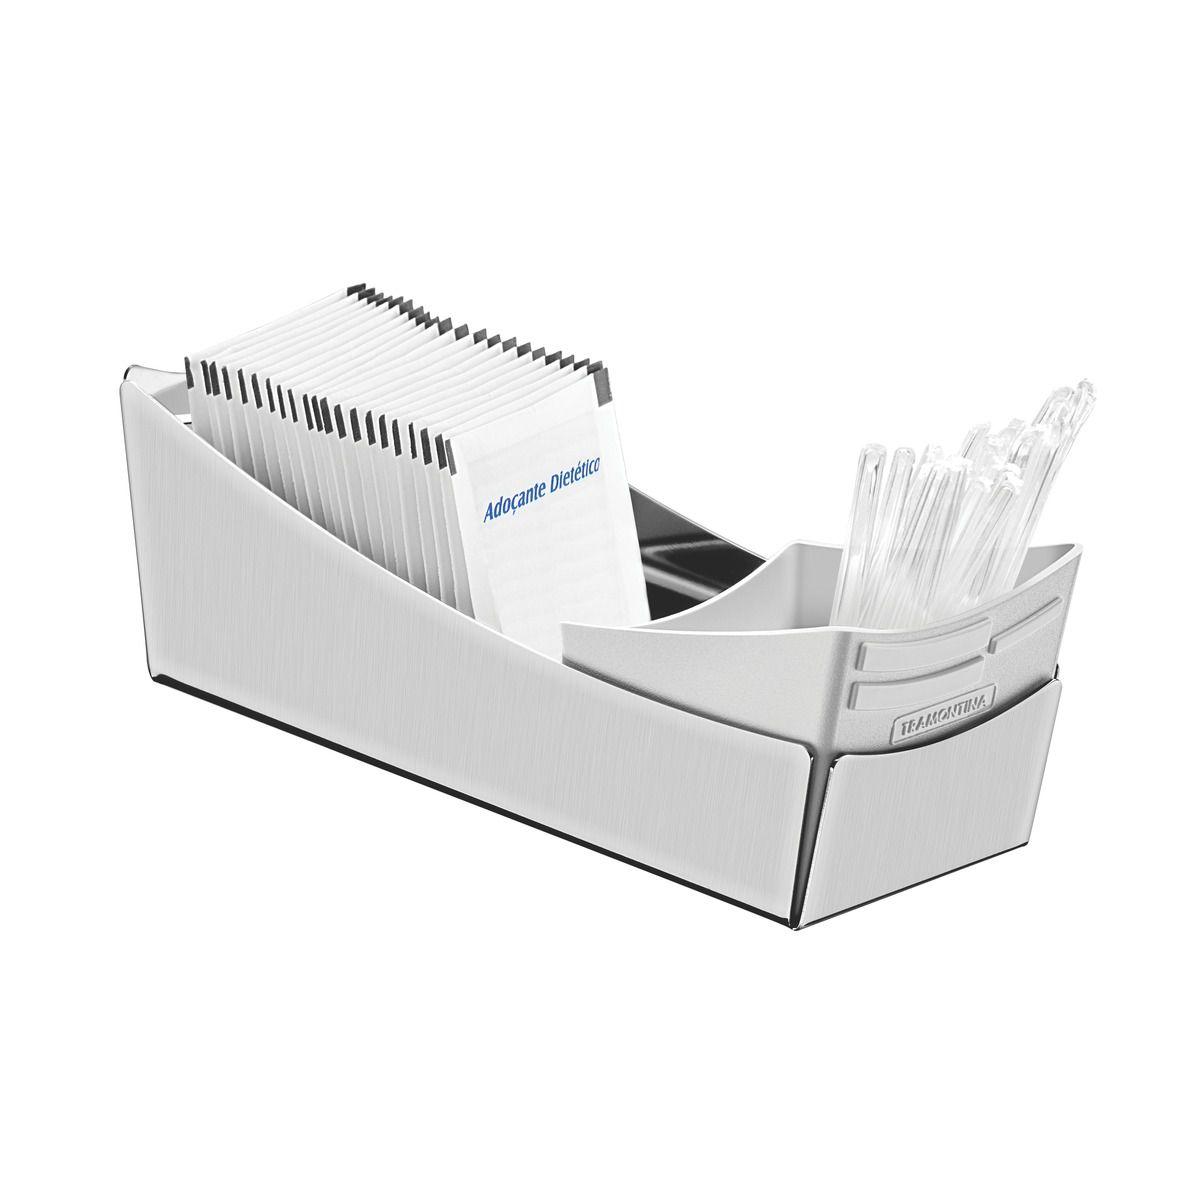 Porta Sachês Tramontina em Aço Inox com Suporte para Colheres em Plástico 61531/000 | Lojas Estrela